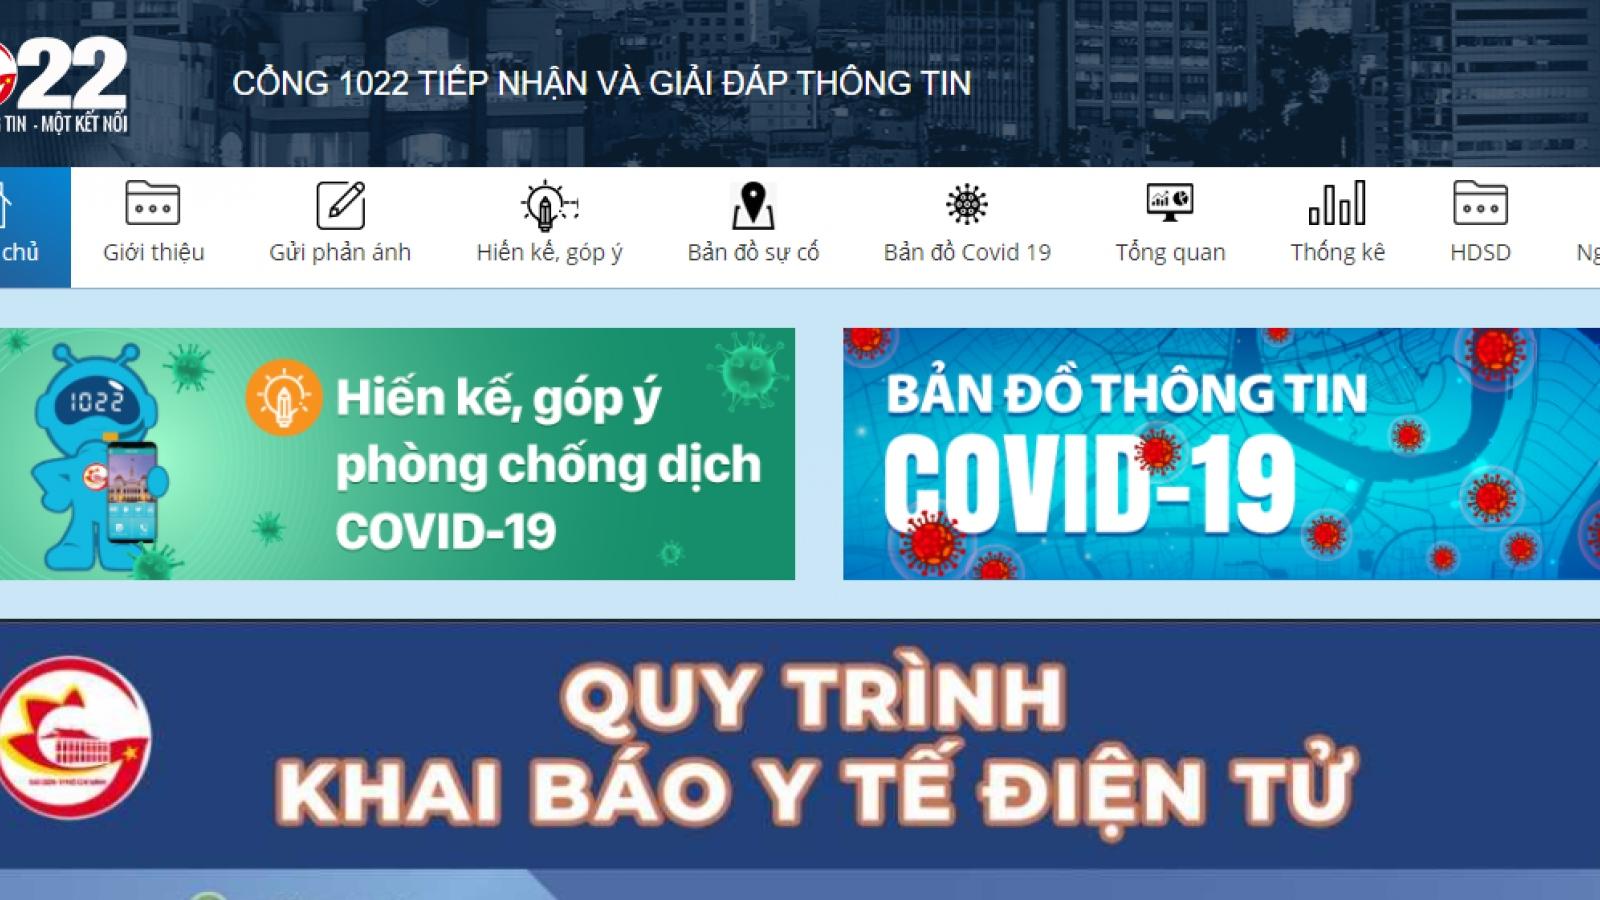 TP.HCM ra mắt kênh tư vấn chăm sóc sức khỏe theo chuyên khoa qua tổng đài 1022